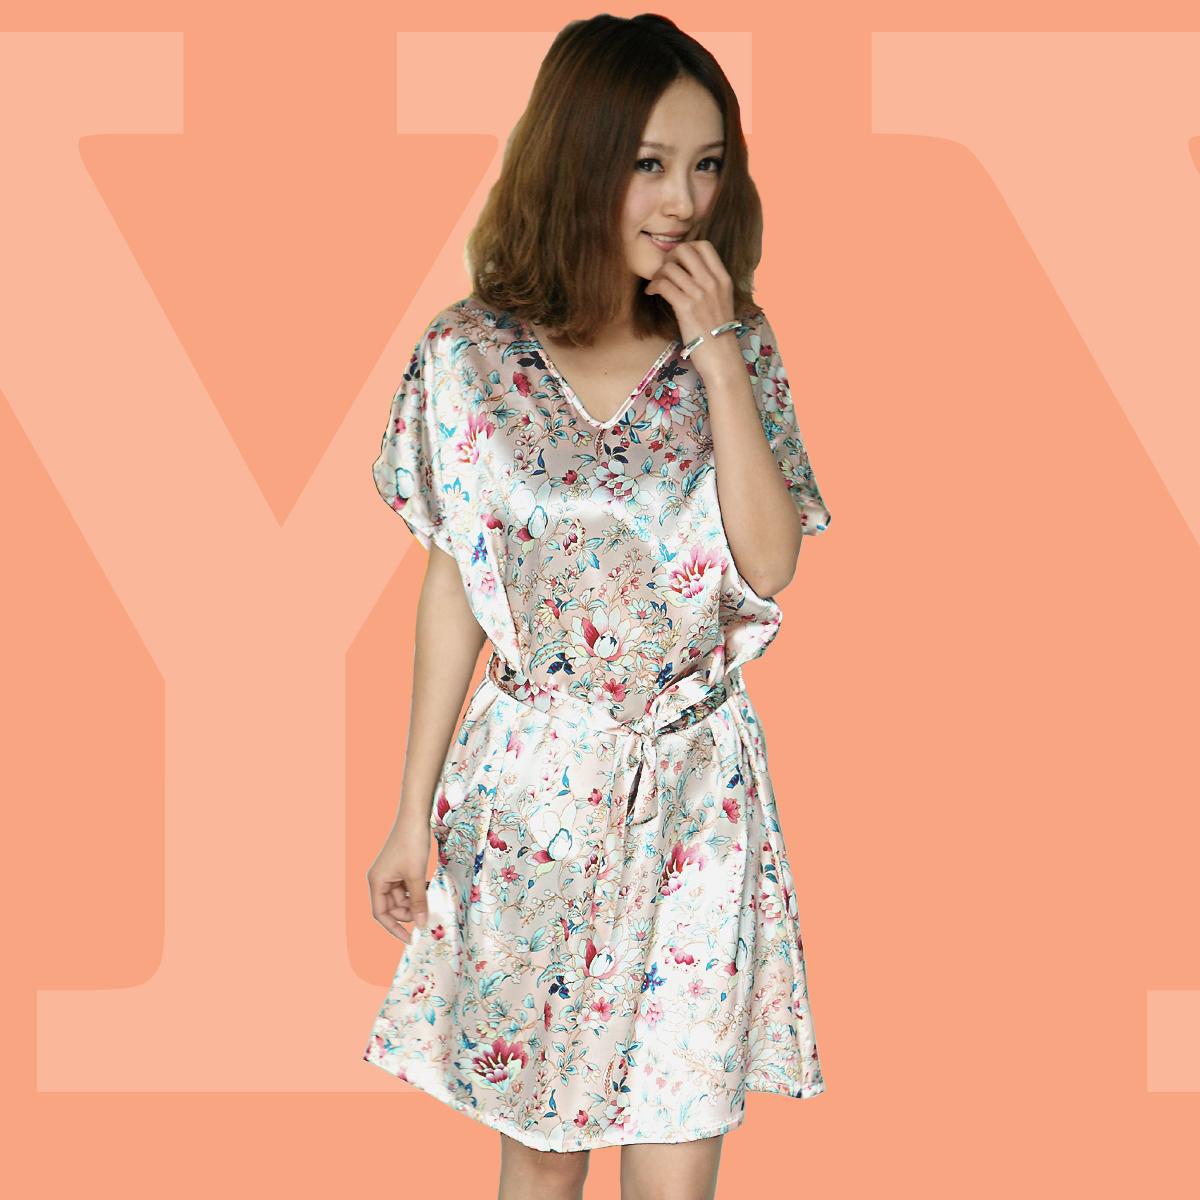 Ночная рубашка 2013 Новые корейские мило v шеи летнее платье сексуальная ночная рубашка шелка короткими рукавами дома износа женщин пижамы Шелк Имитация натурального шёлка V-образный вырез Лето